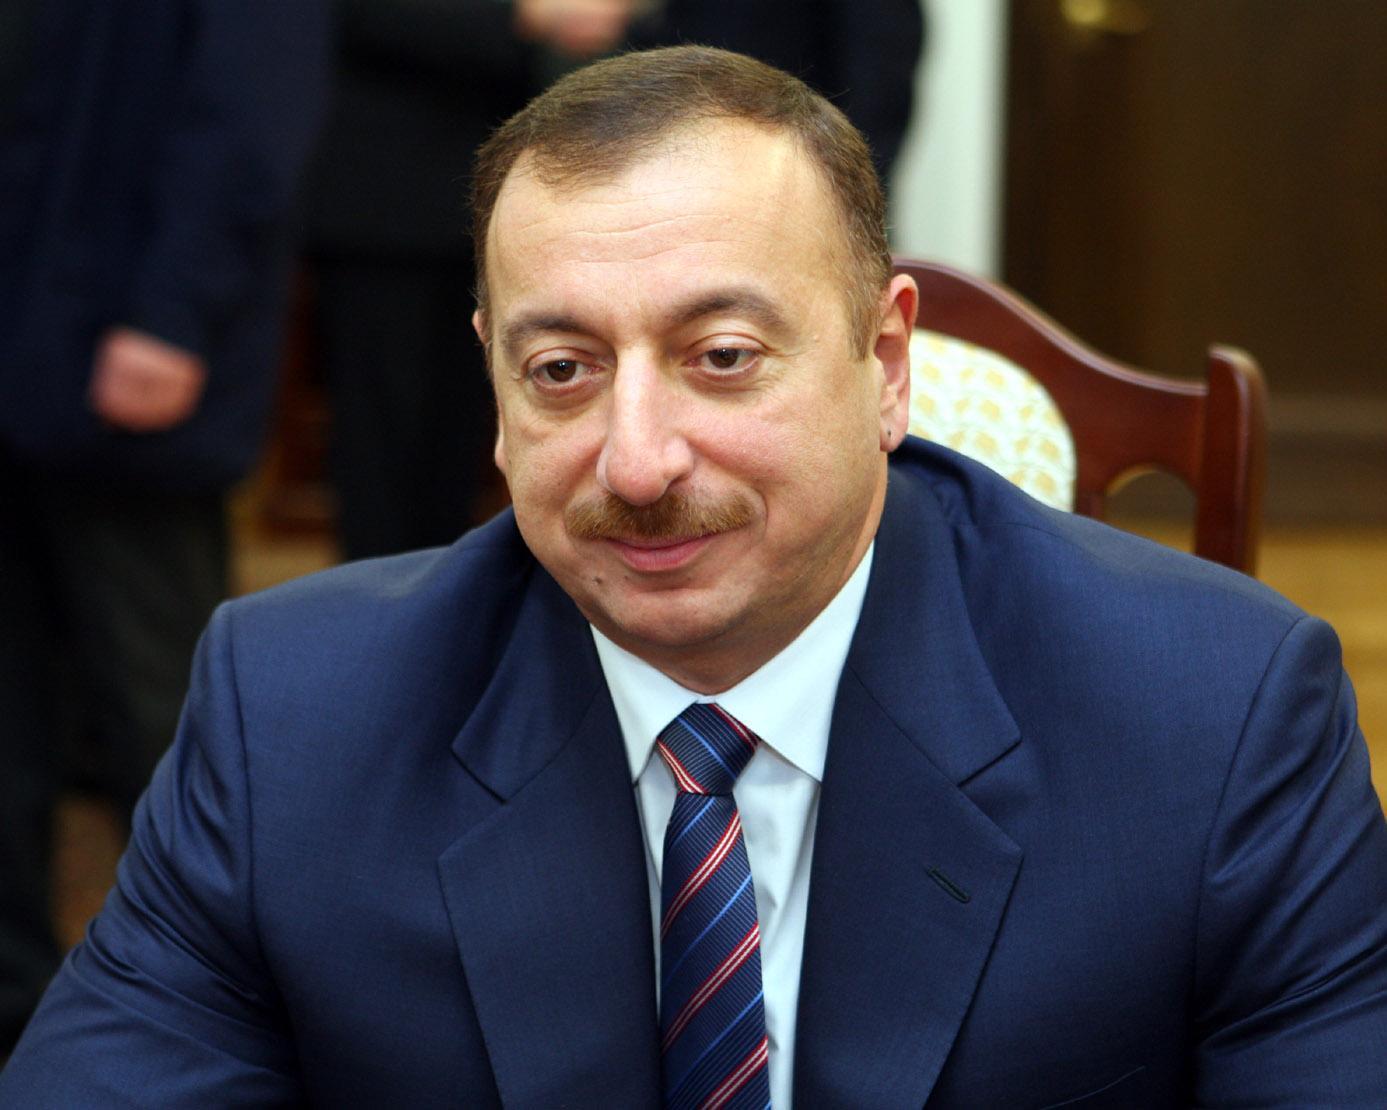 İlham Əliyev: Azərbaycan hökuməti SOCAR-ı özəlləşdirmək niyyətində deyil